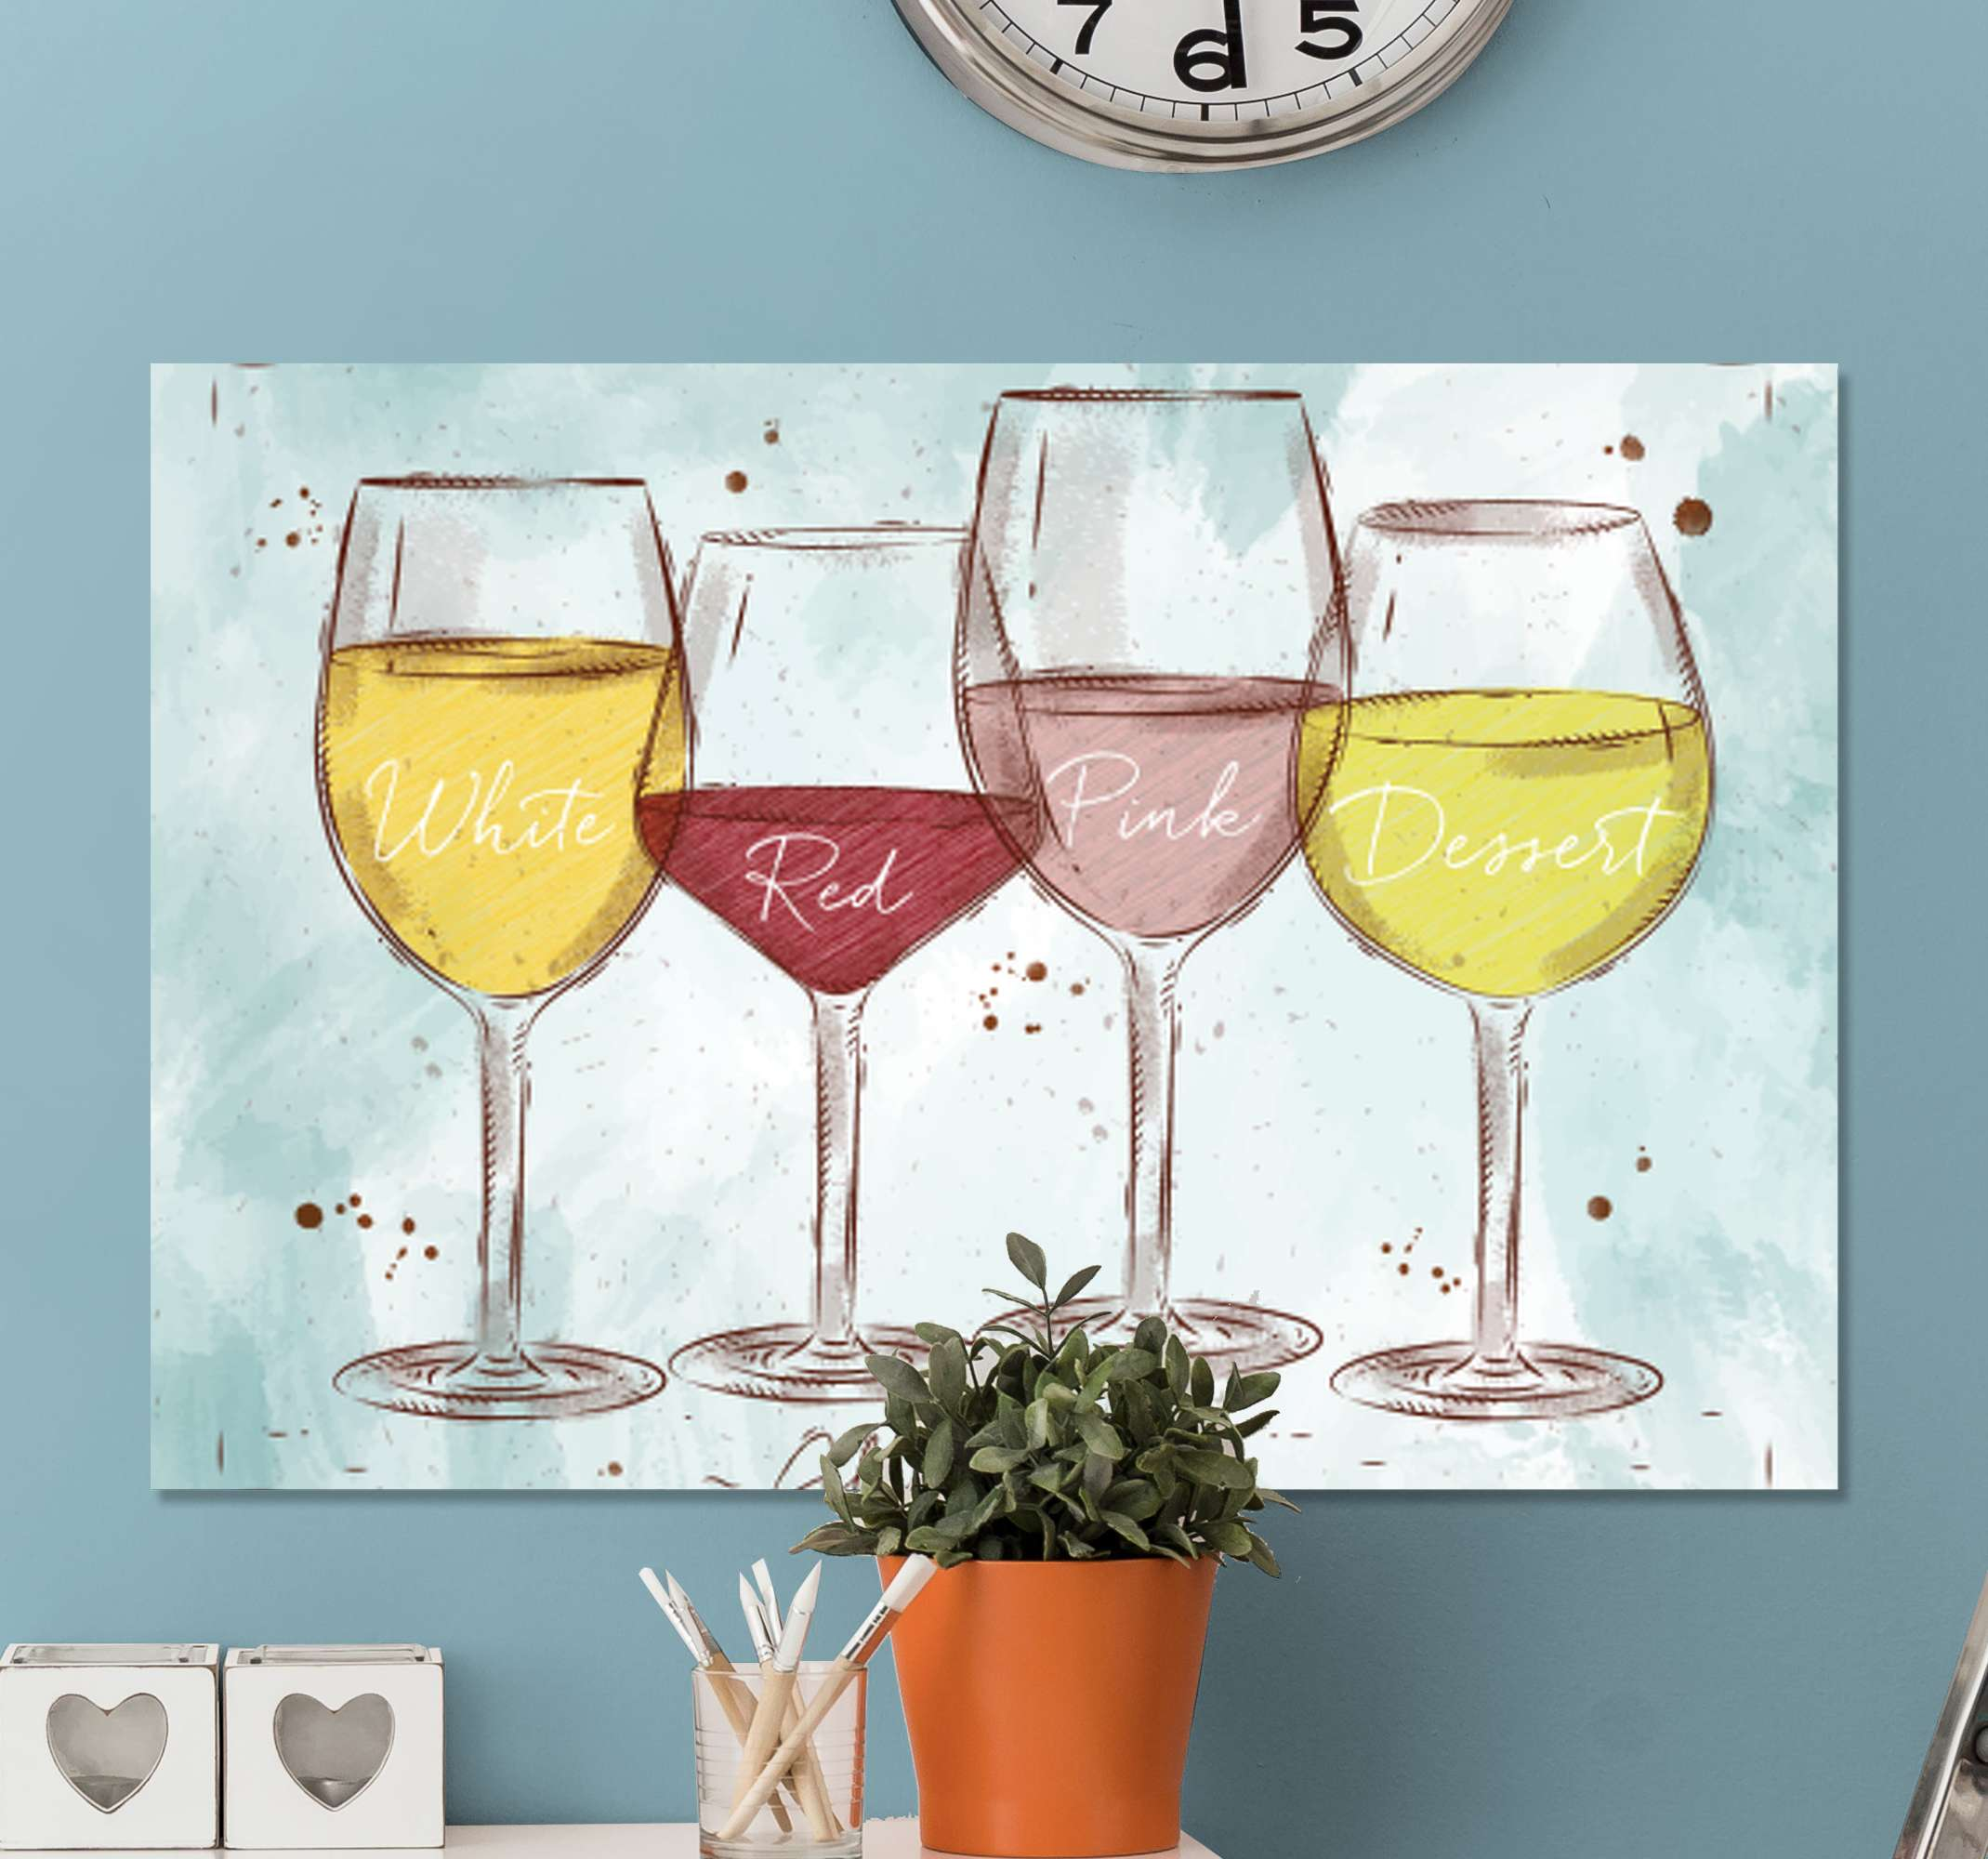 TenStickers. 乡村风格的乡村帆布墙艺术. 画布上印有葡萄酒。该模式在一个明亮的蓝色篮子中显示了四个不同的酒杯。为您的沙龙或餐厅提供完美的装饰。